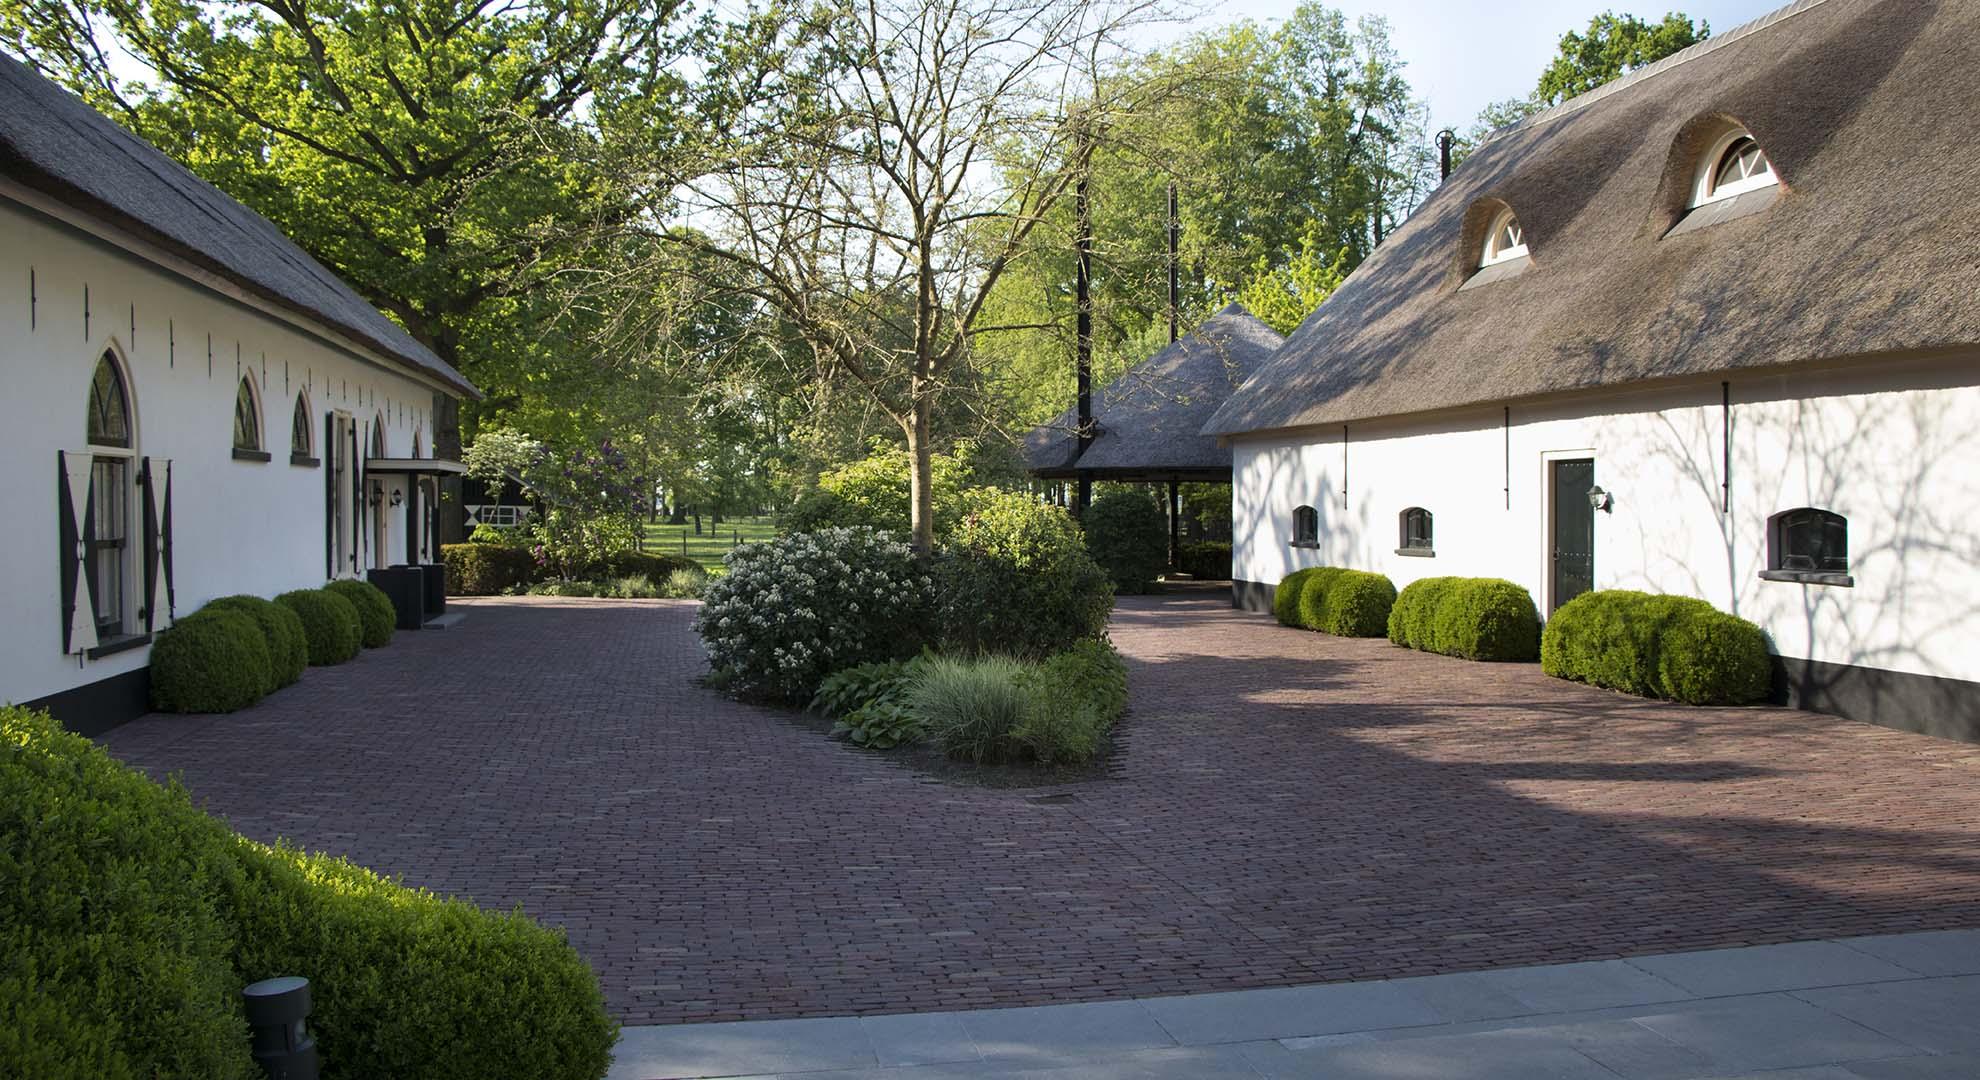 Boerderijtuin bij landgoed Woerden - Foto 5